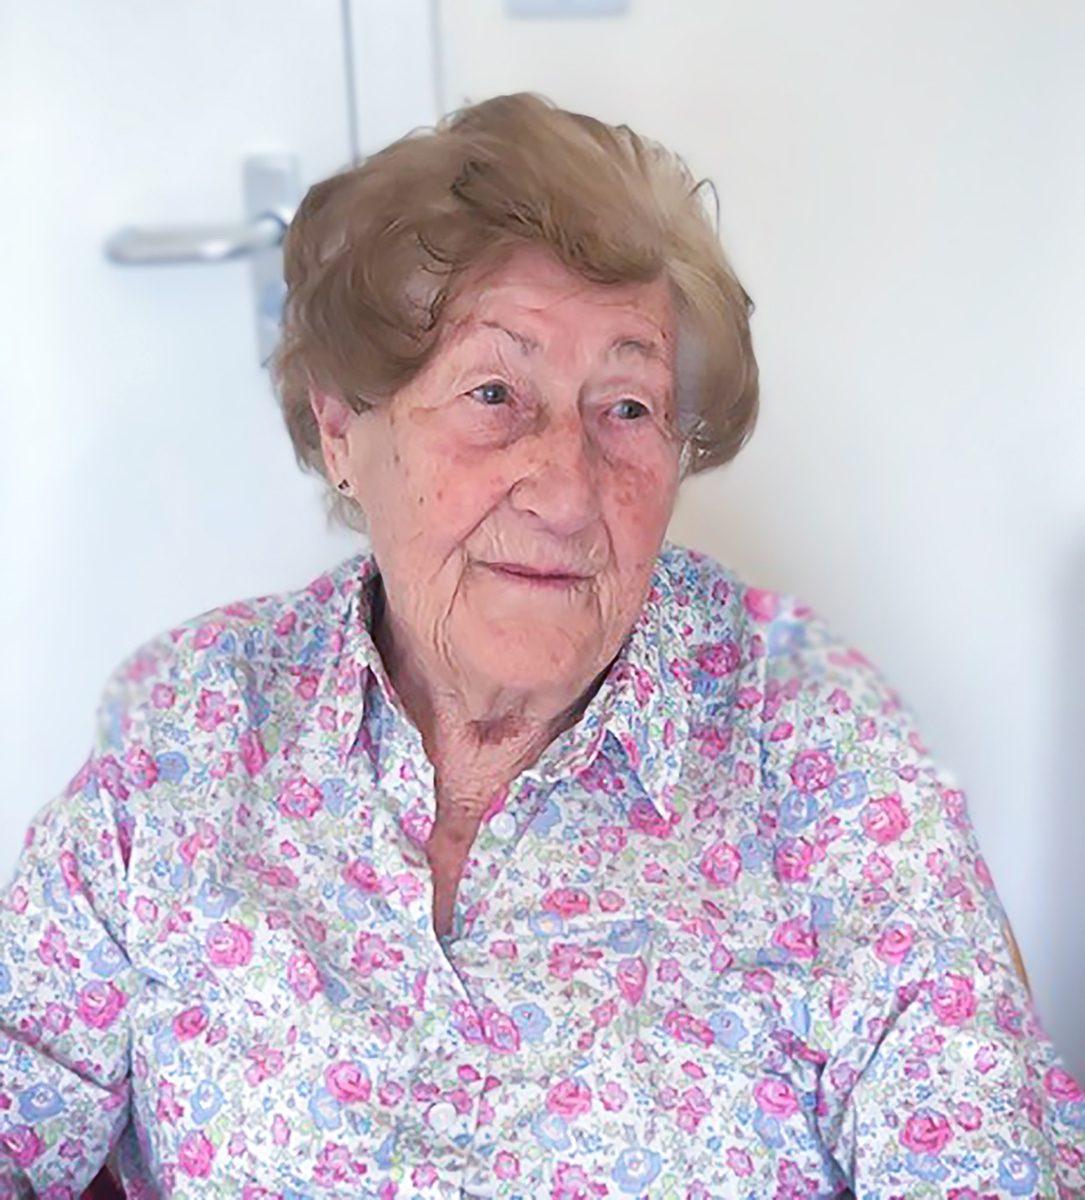 Redcot resident Juliet Fuirer